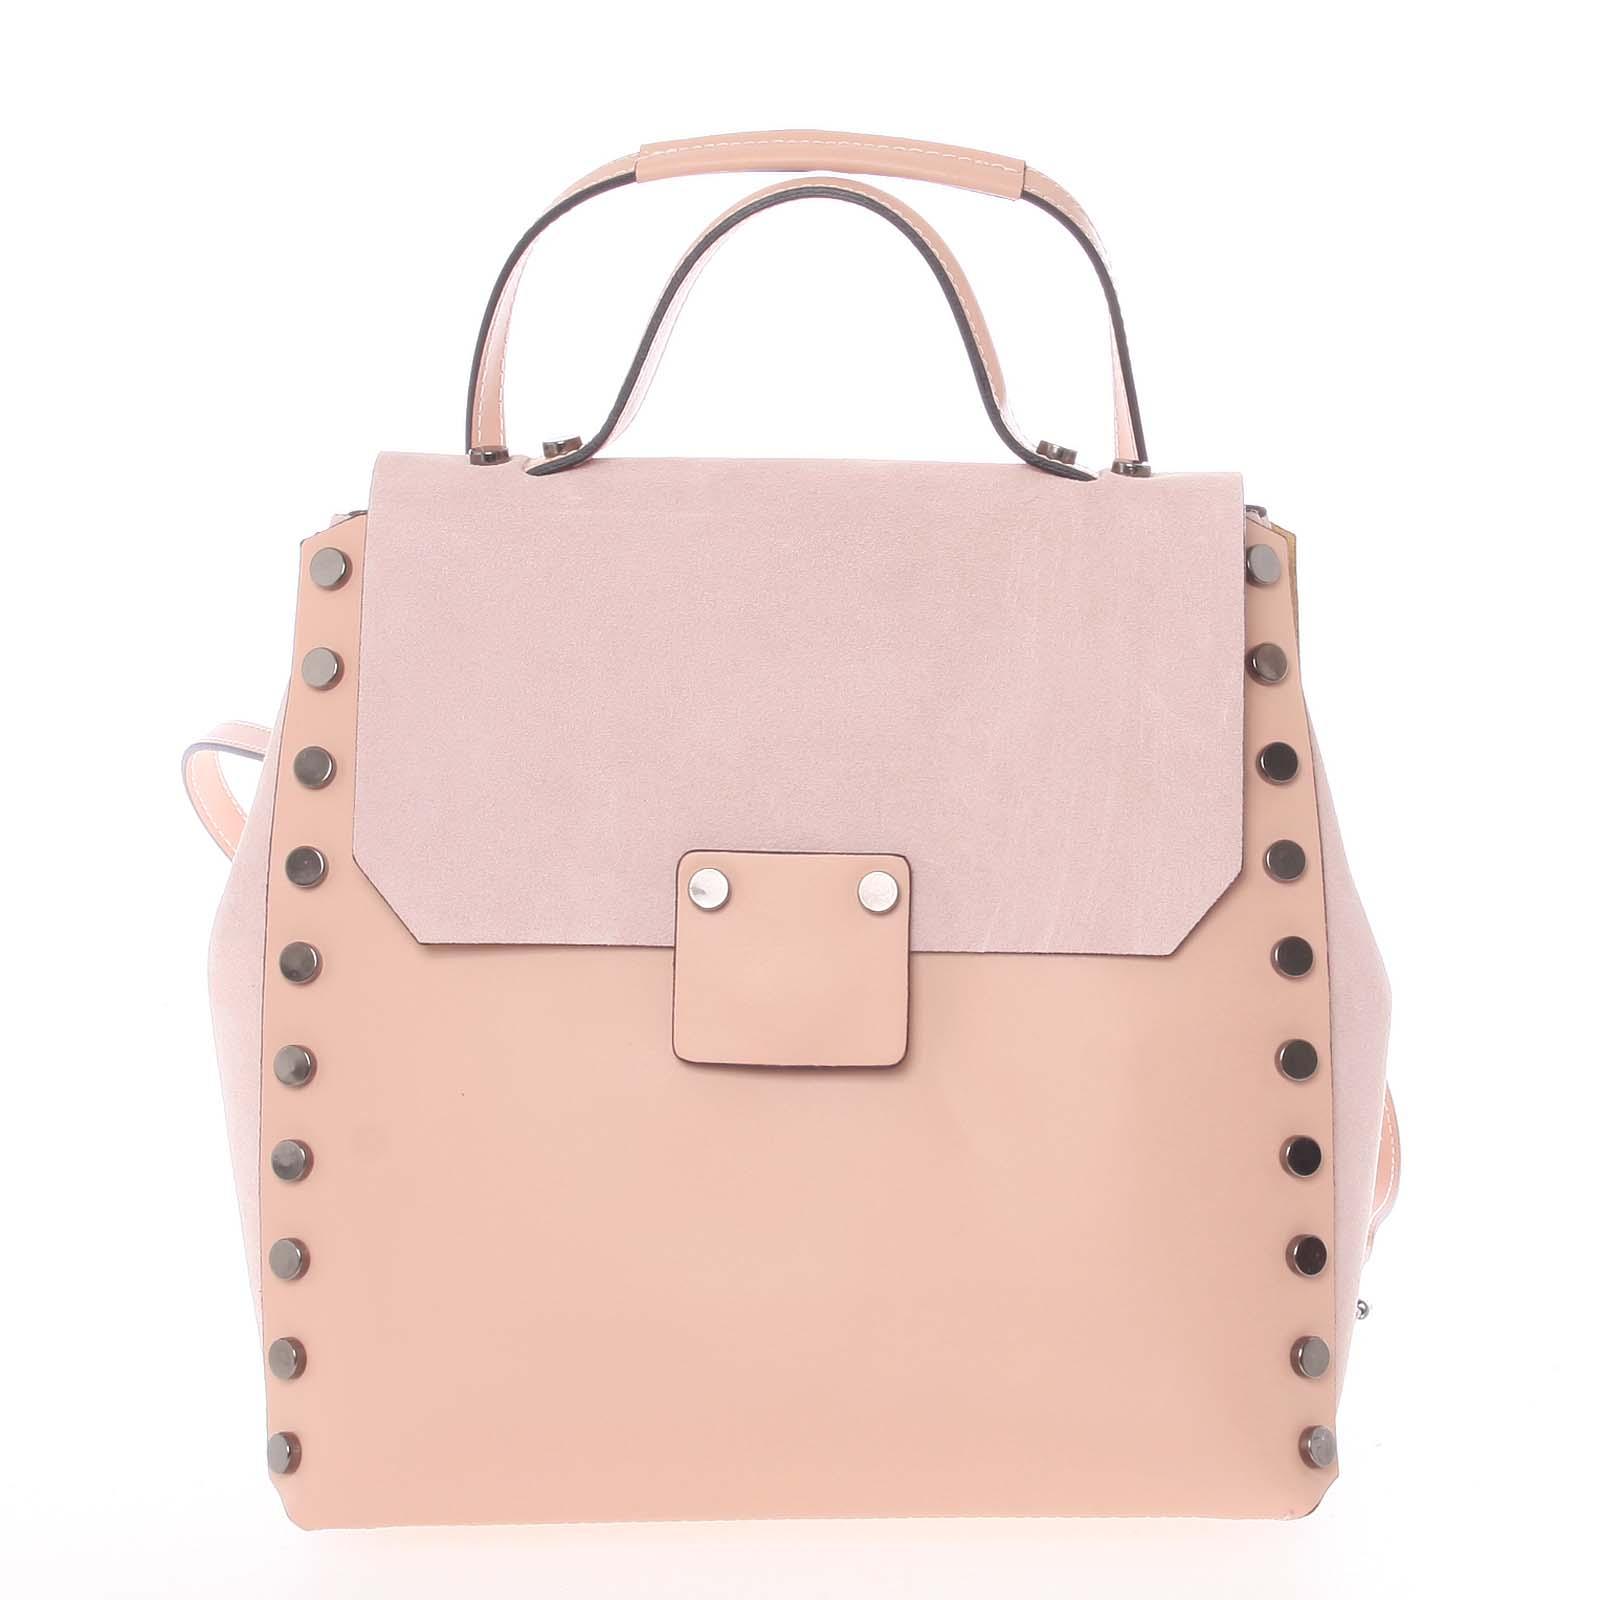 Unikátny svetloružový dámsky kožený batoh / kabelka - ItalY Nicoletta